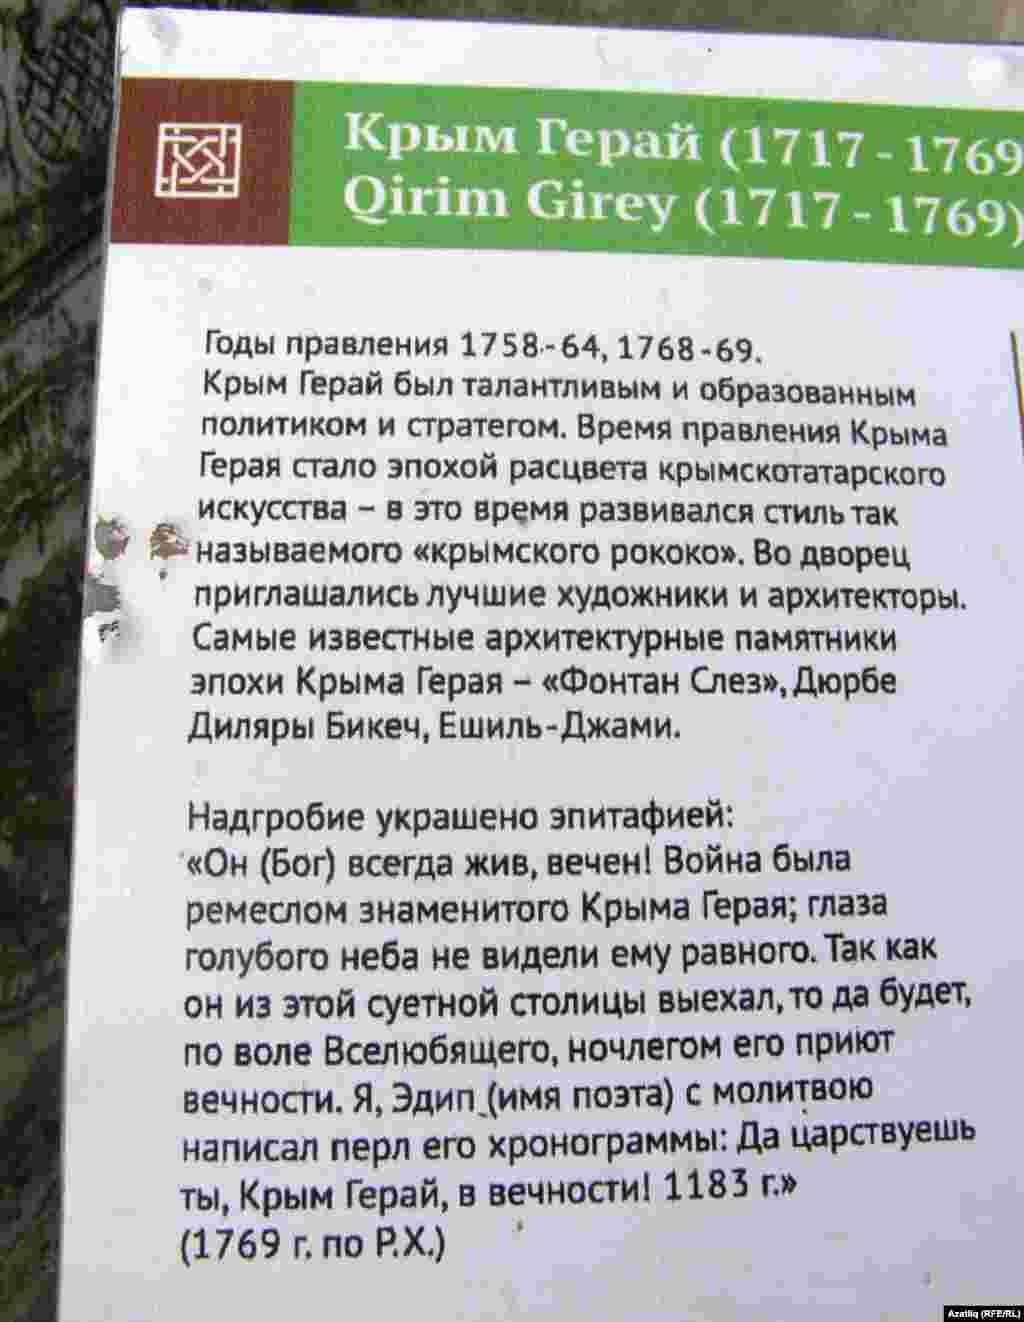 Кырым Гәрәй кабере янында мәгълүмат тактасы.